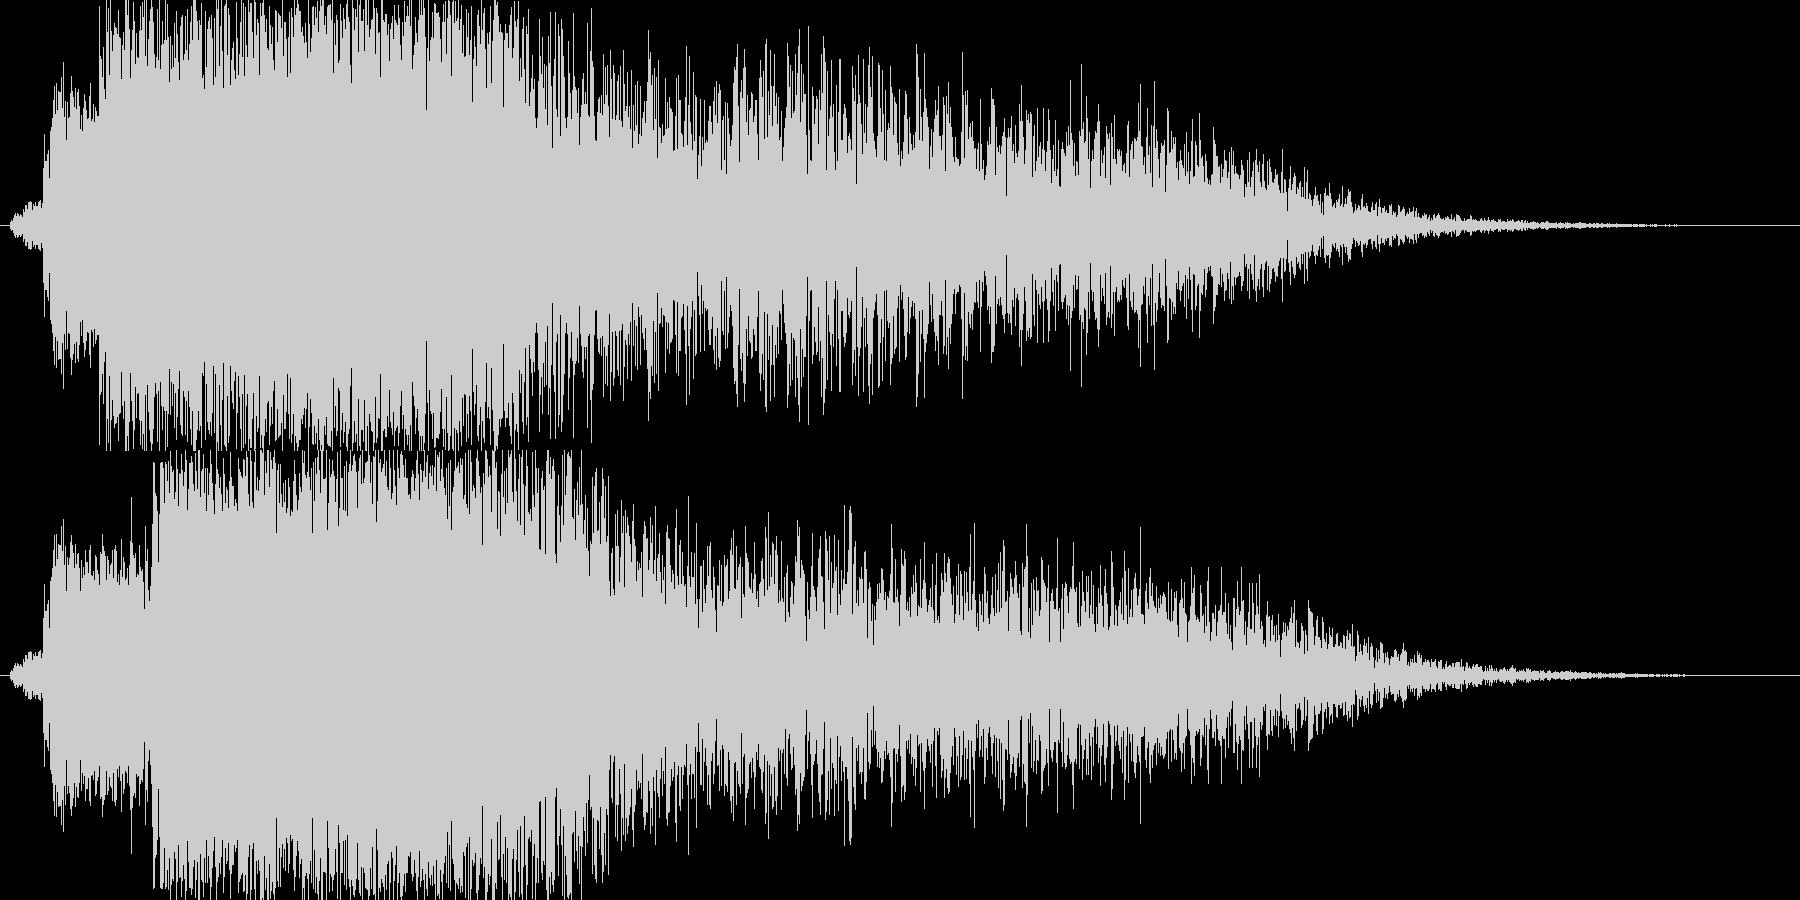 シャキーン!(風属性や特殊魔法など)05の未再生の波形